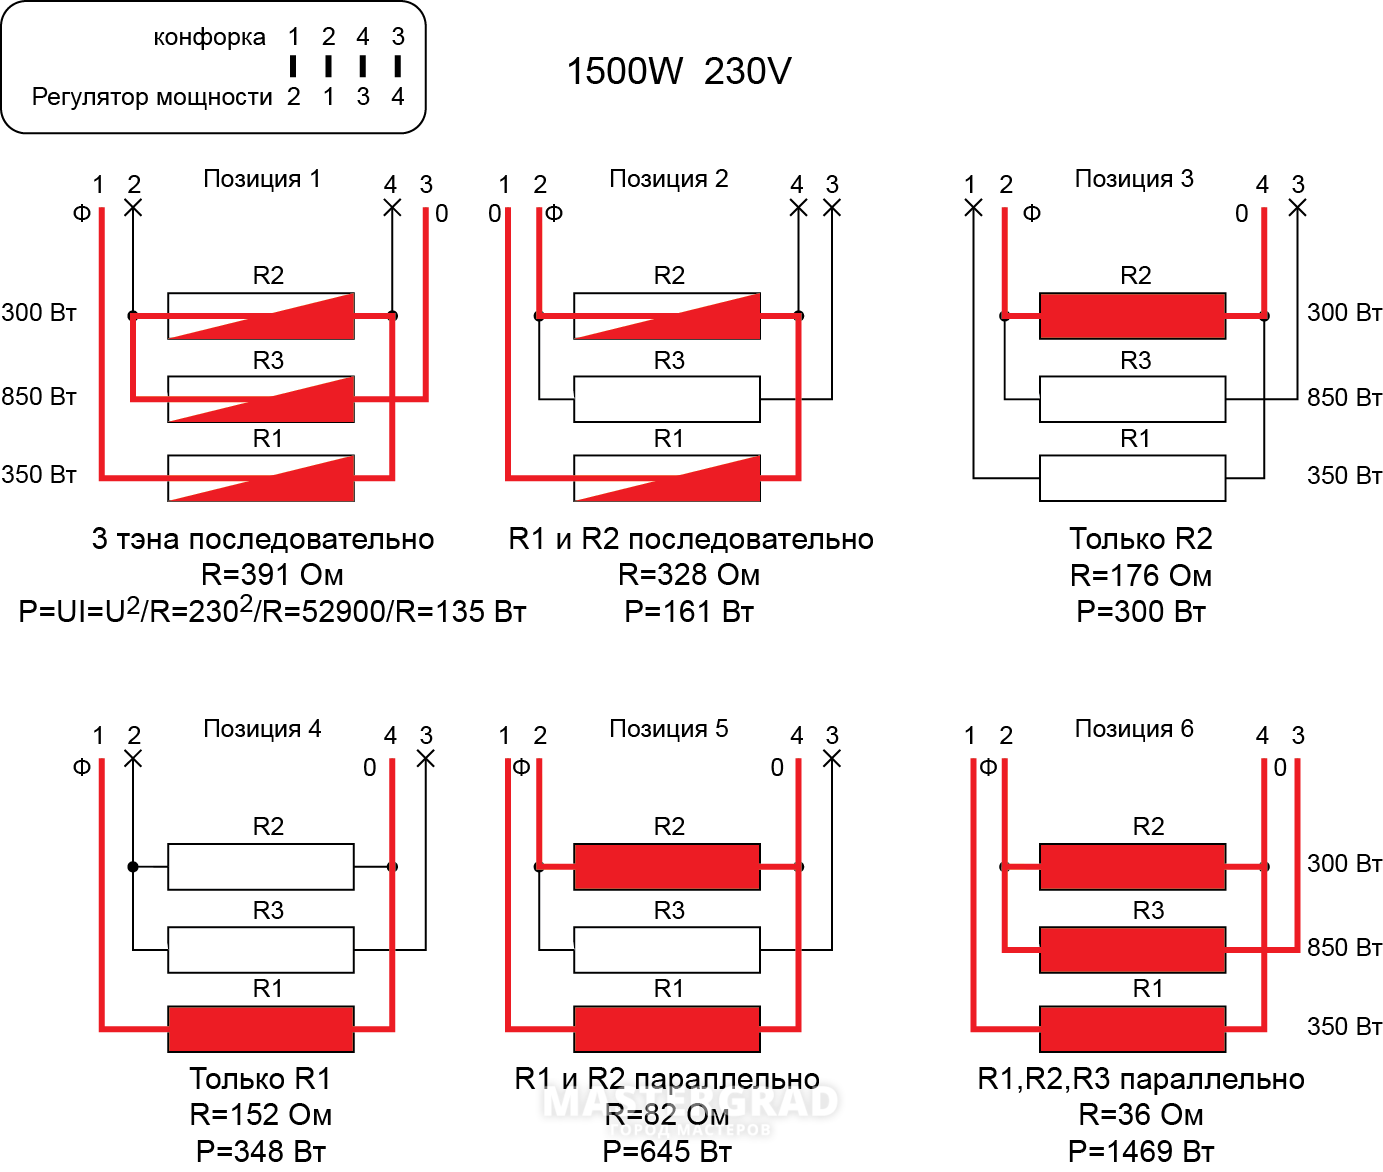 Схема подключения конфорки электроплиты с 4 контактами